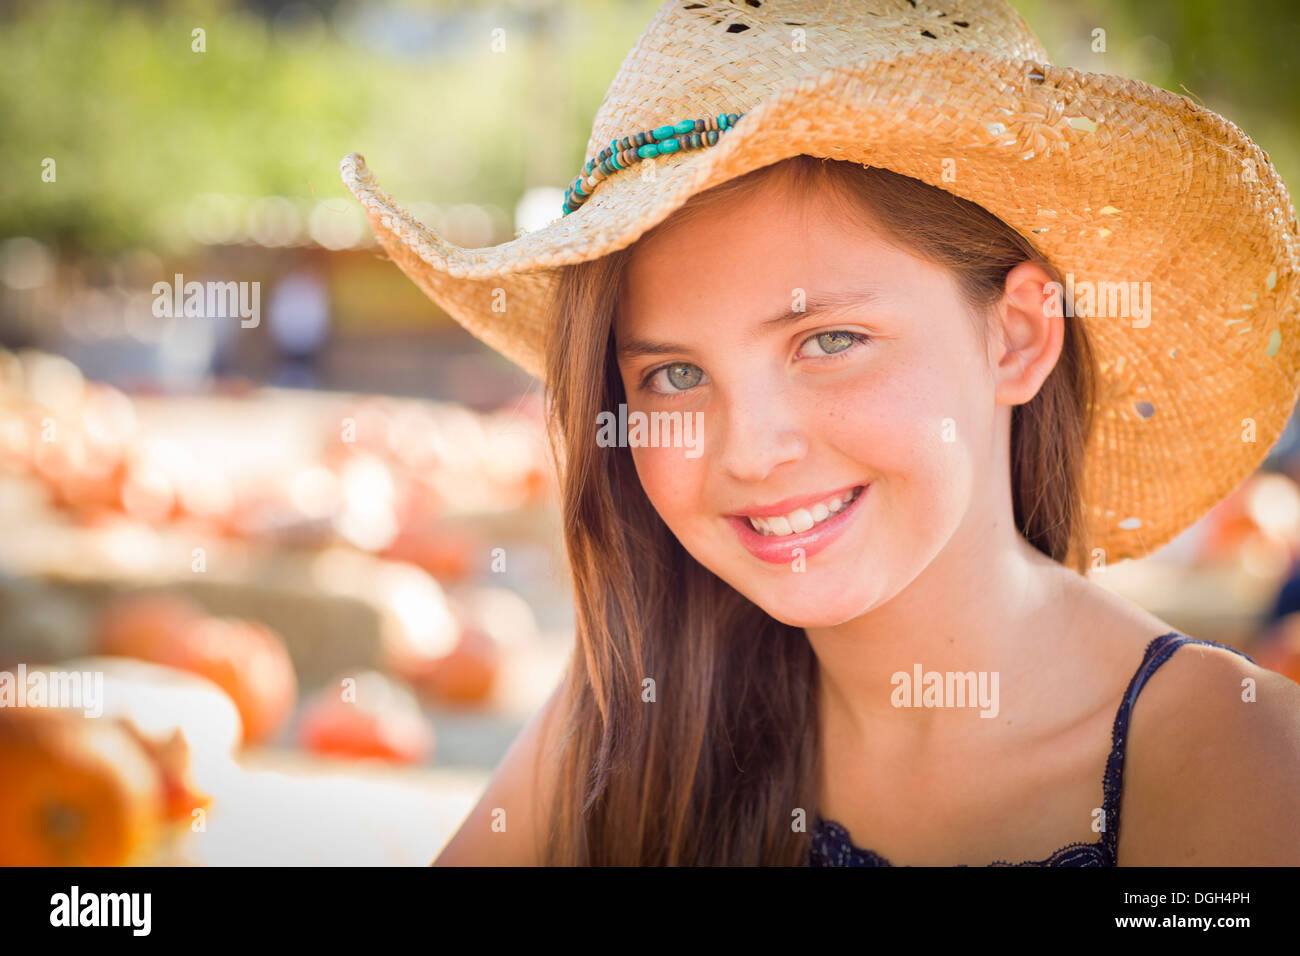 Preadolescentes chica retrato llevar sombrero de cowboy en Pumpkin Patch en  el ambiente rústico. Imagen 7da4f55006e